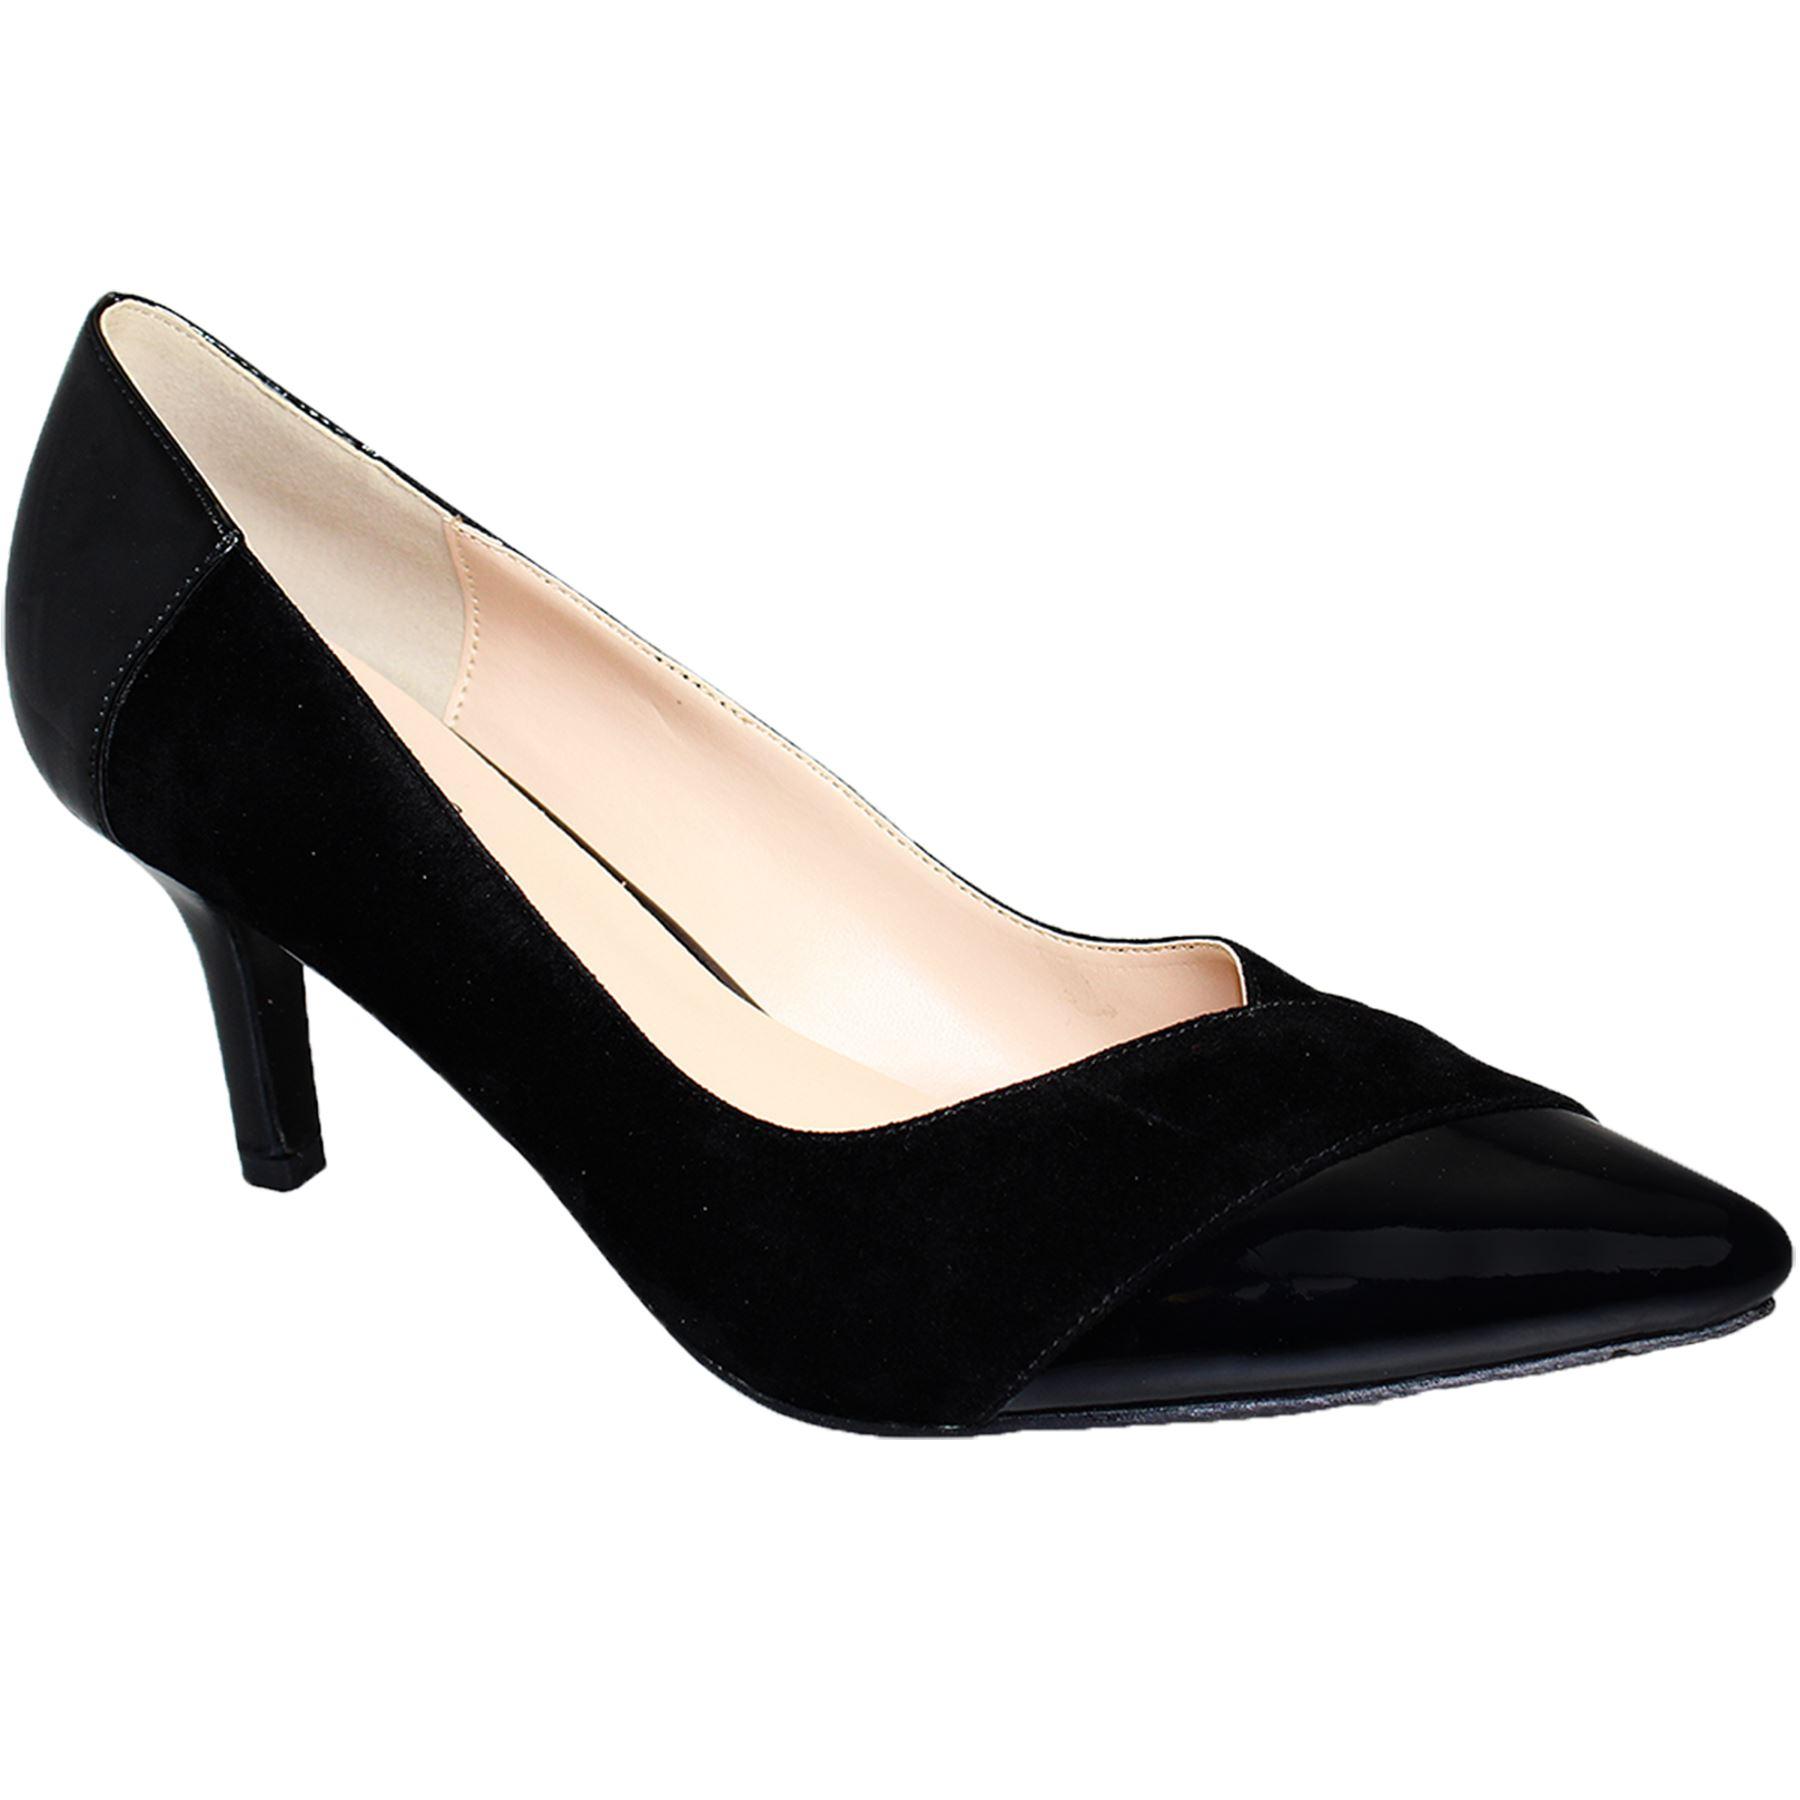 Charol Contraste Bajo De Zapatos Mujer Tacón Detalles Elegante En Ante Punta DHE2YIW9